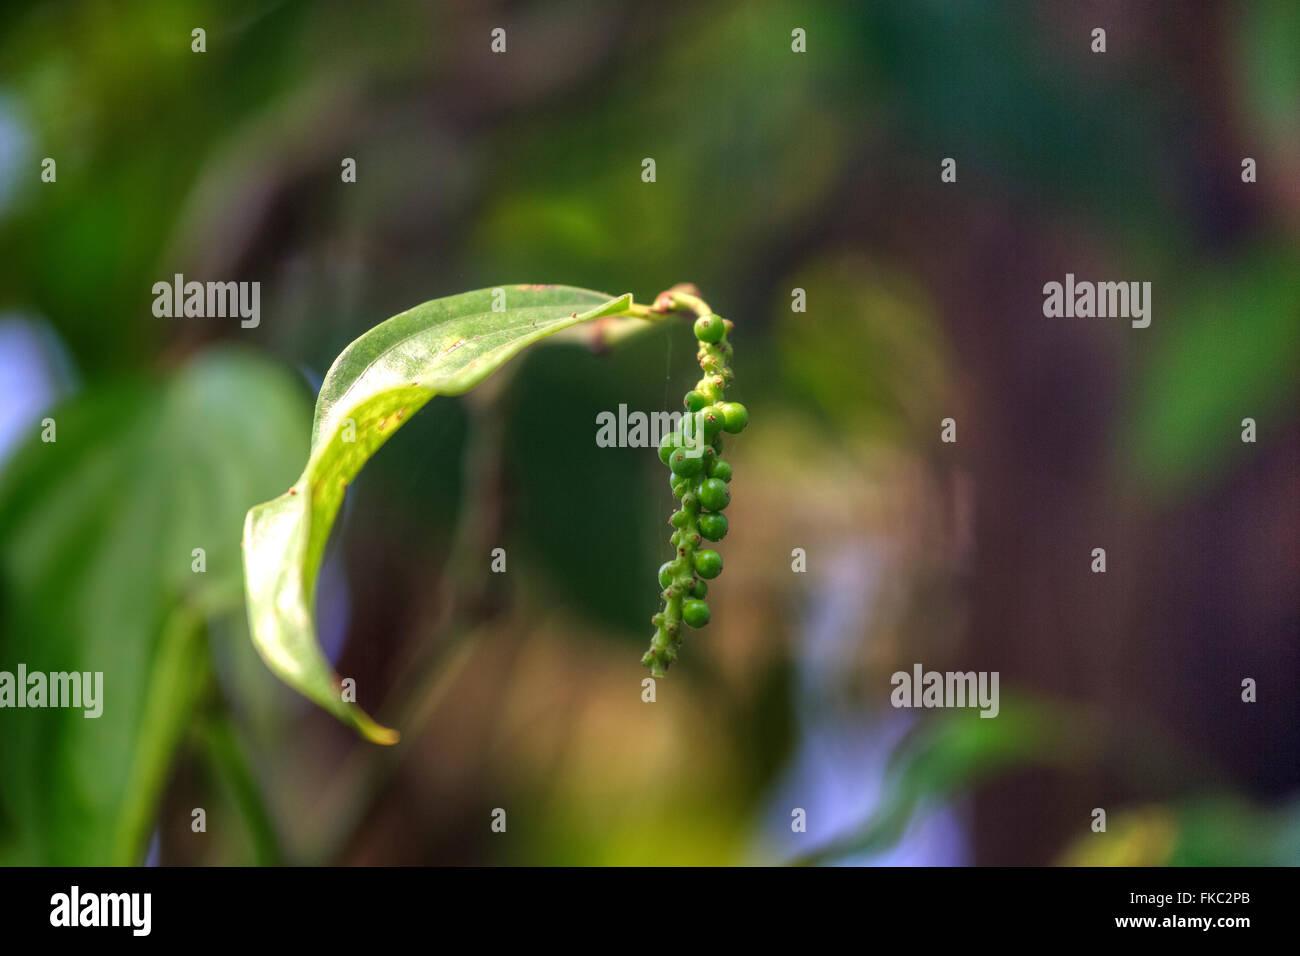 grünem Pfeffer auf einer Plantage in Kerala, Südindien Stockbild